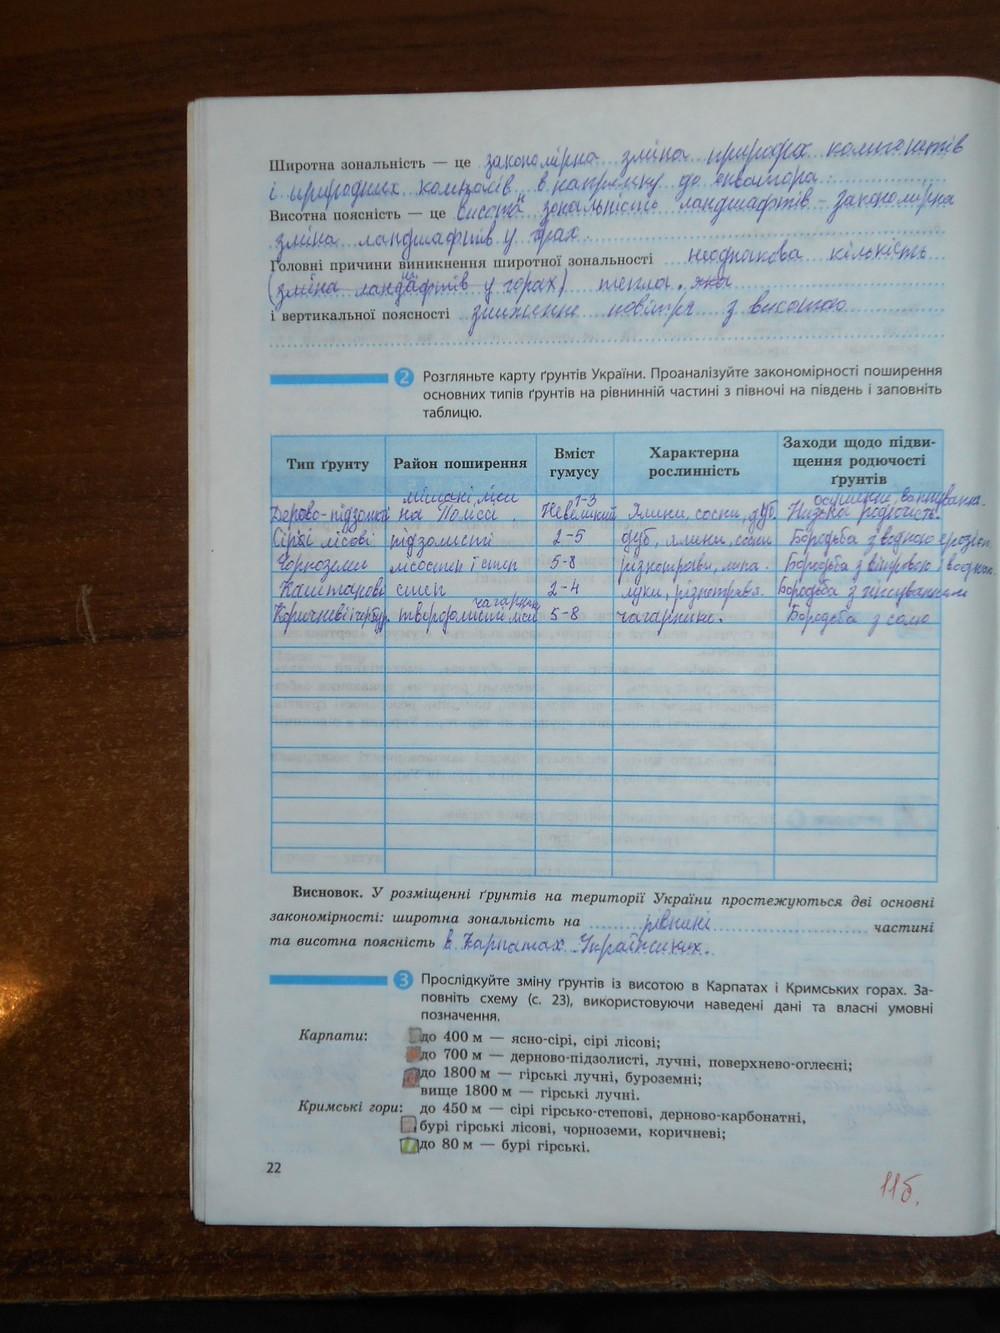 ГДЗ відповіді робочий зошит по географии 8 класс Т.Г. Гільберг, В.М. Проценко. Задание: стр. 22